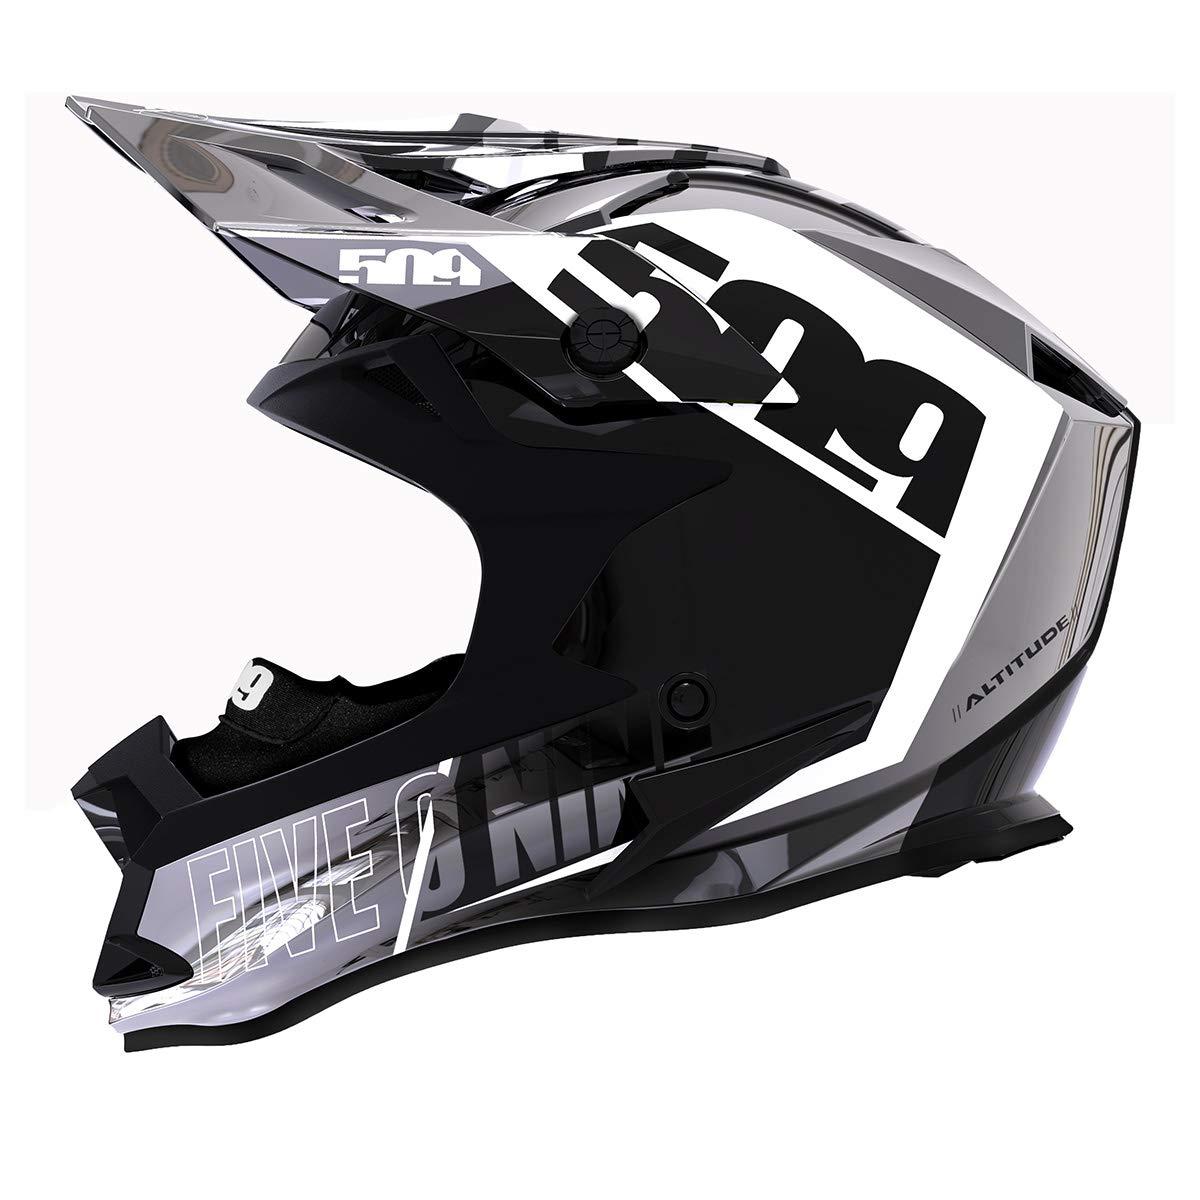 Chromium Stealth - Large Chromium Altitude Helmet with Fidlock 509 Altitude Helmet with Fidlock